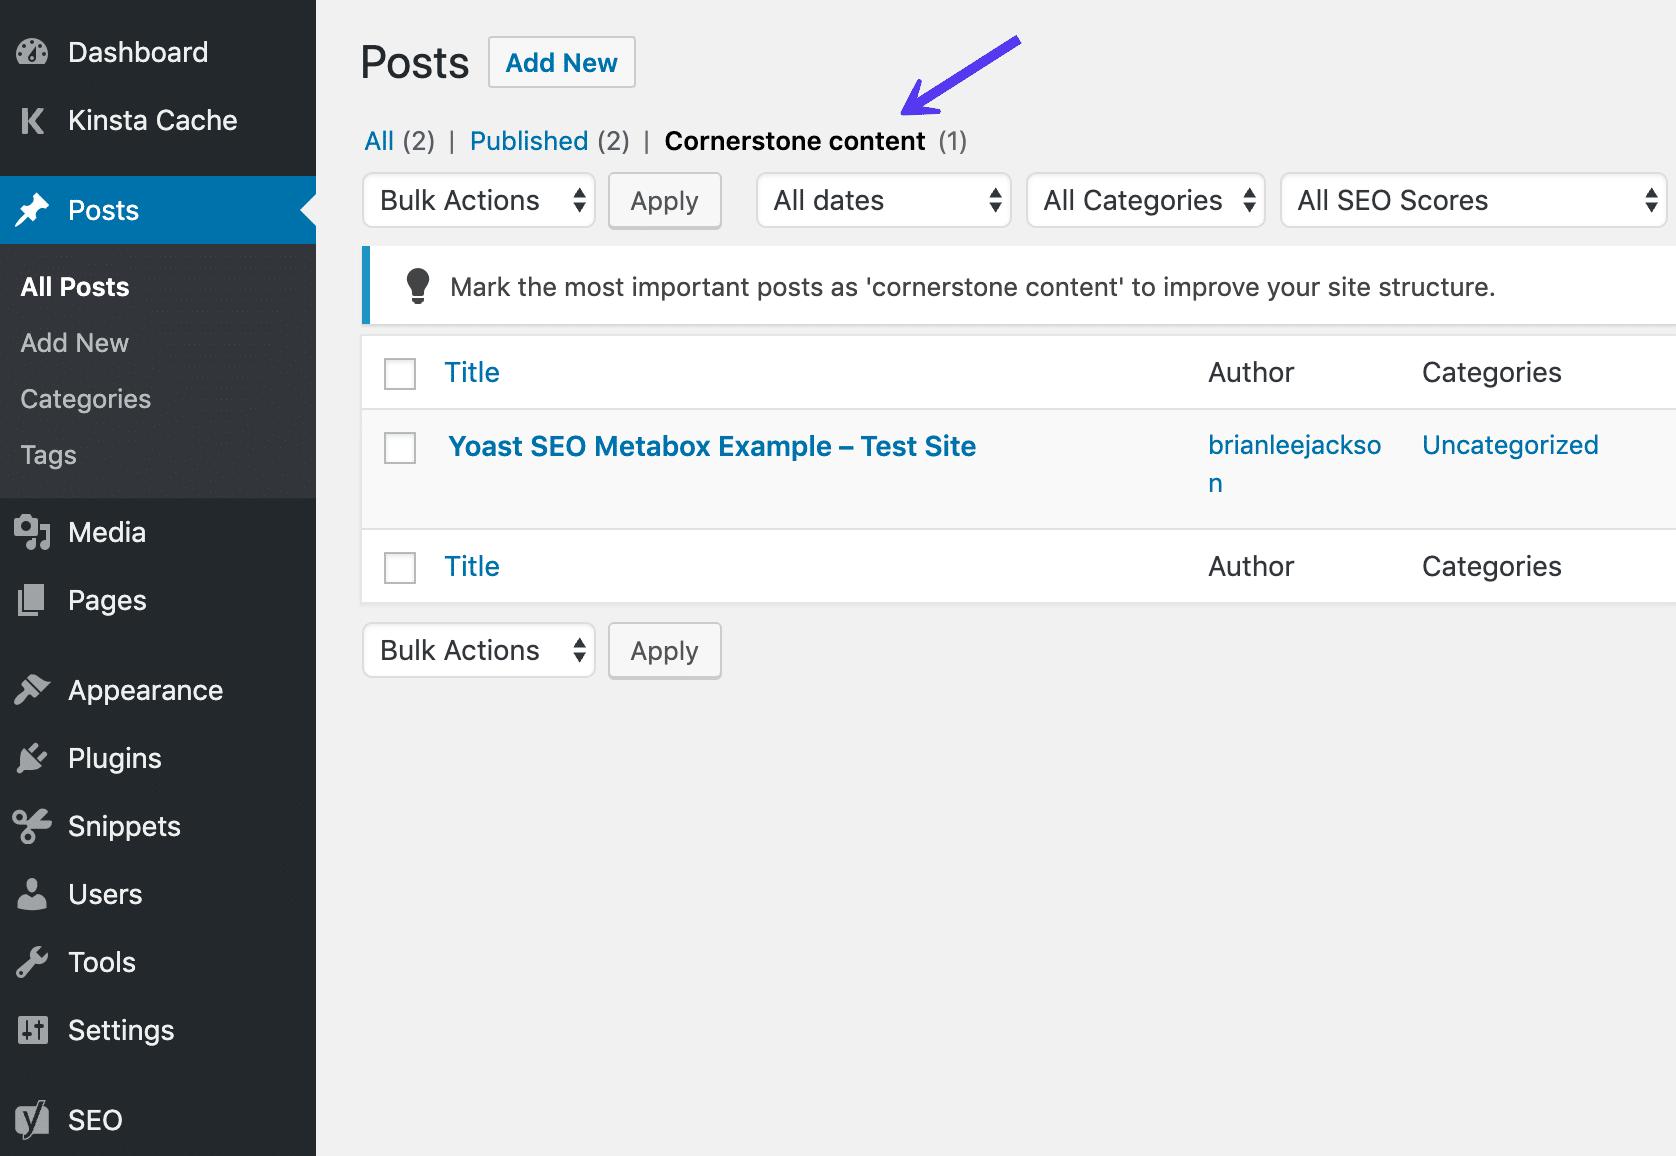 محتواهای بنیادی در لیست پست ها